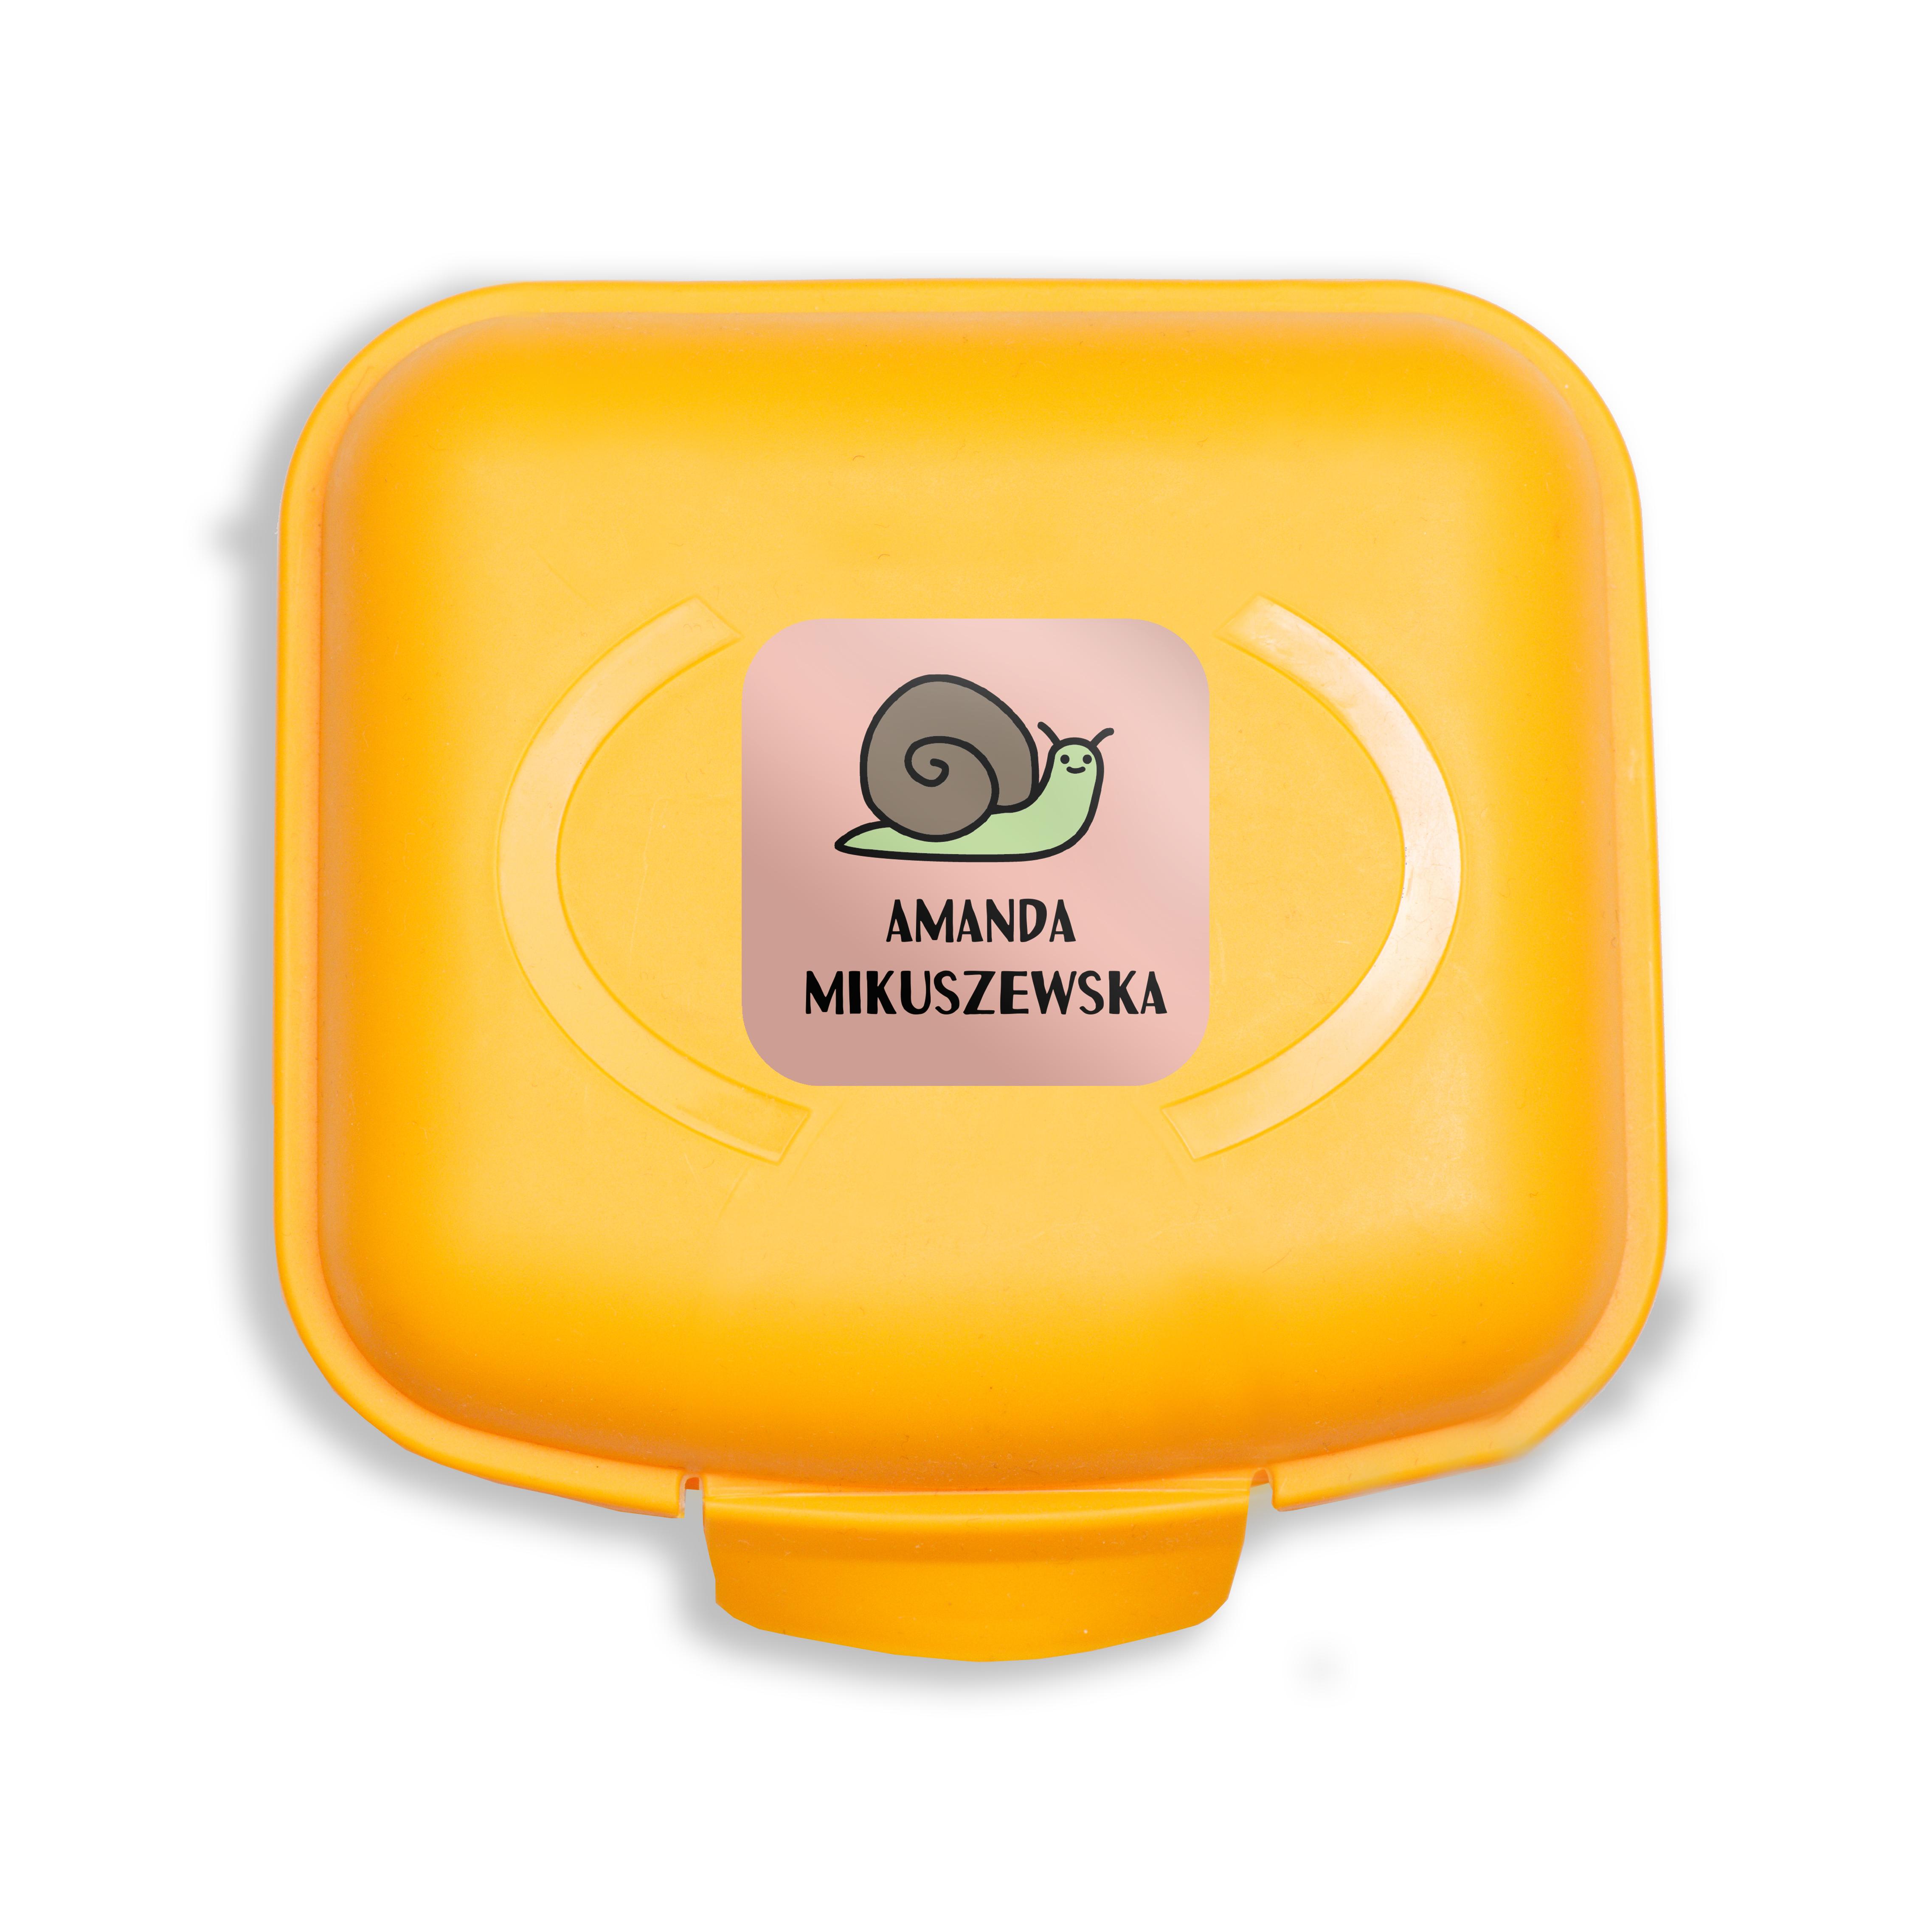 Naklejki szkolne imienne kwadratowe wodoodporne imienniki na przybory dla uczniów ślimak